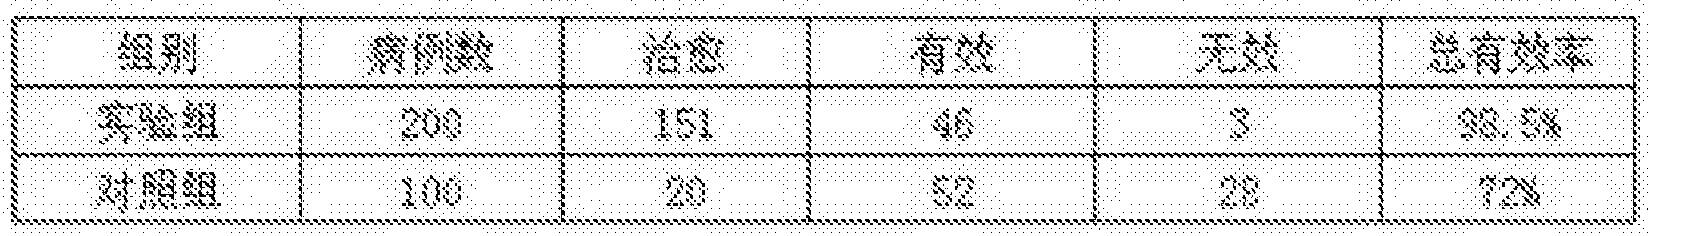 Figure CN104083457BD00081